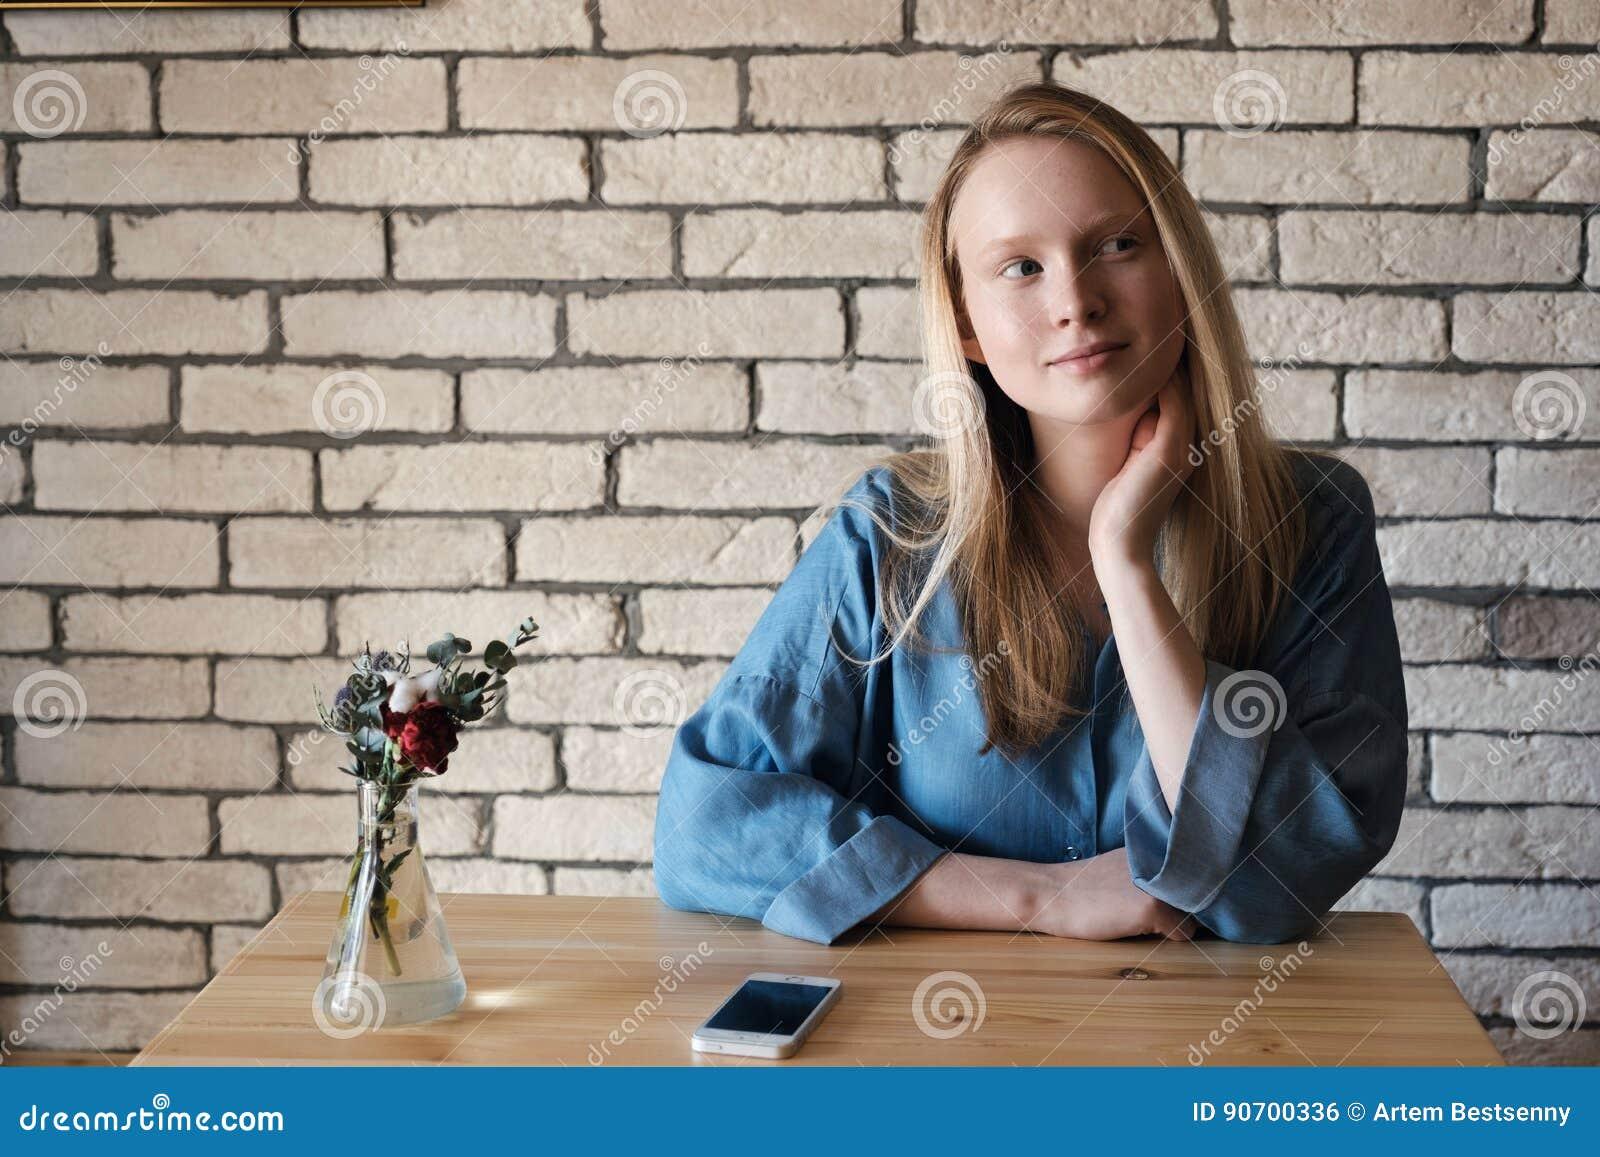 Junge Blondine im blauen Hemd sitzt an einem Tisch in einem Café, auf dem ein Telefon liegt